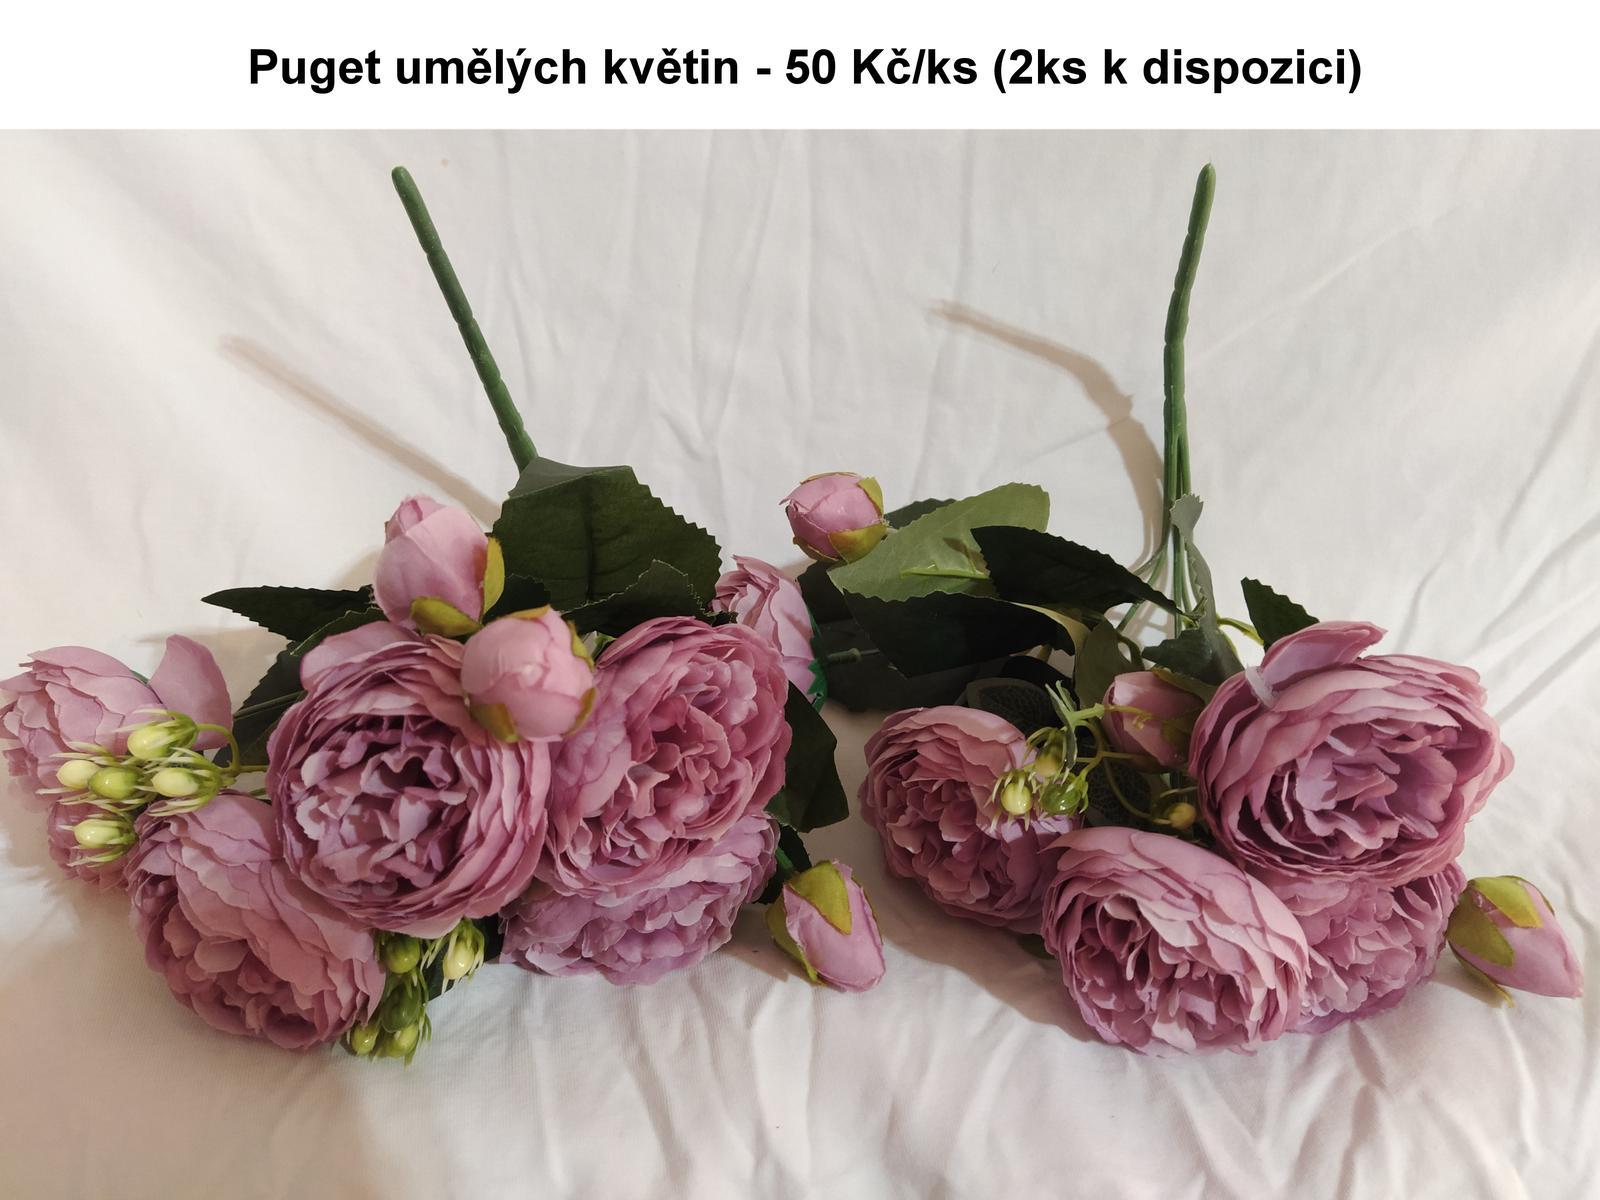 Umělá kytice - Obrázek č. 1